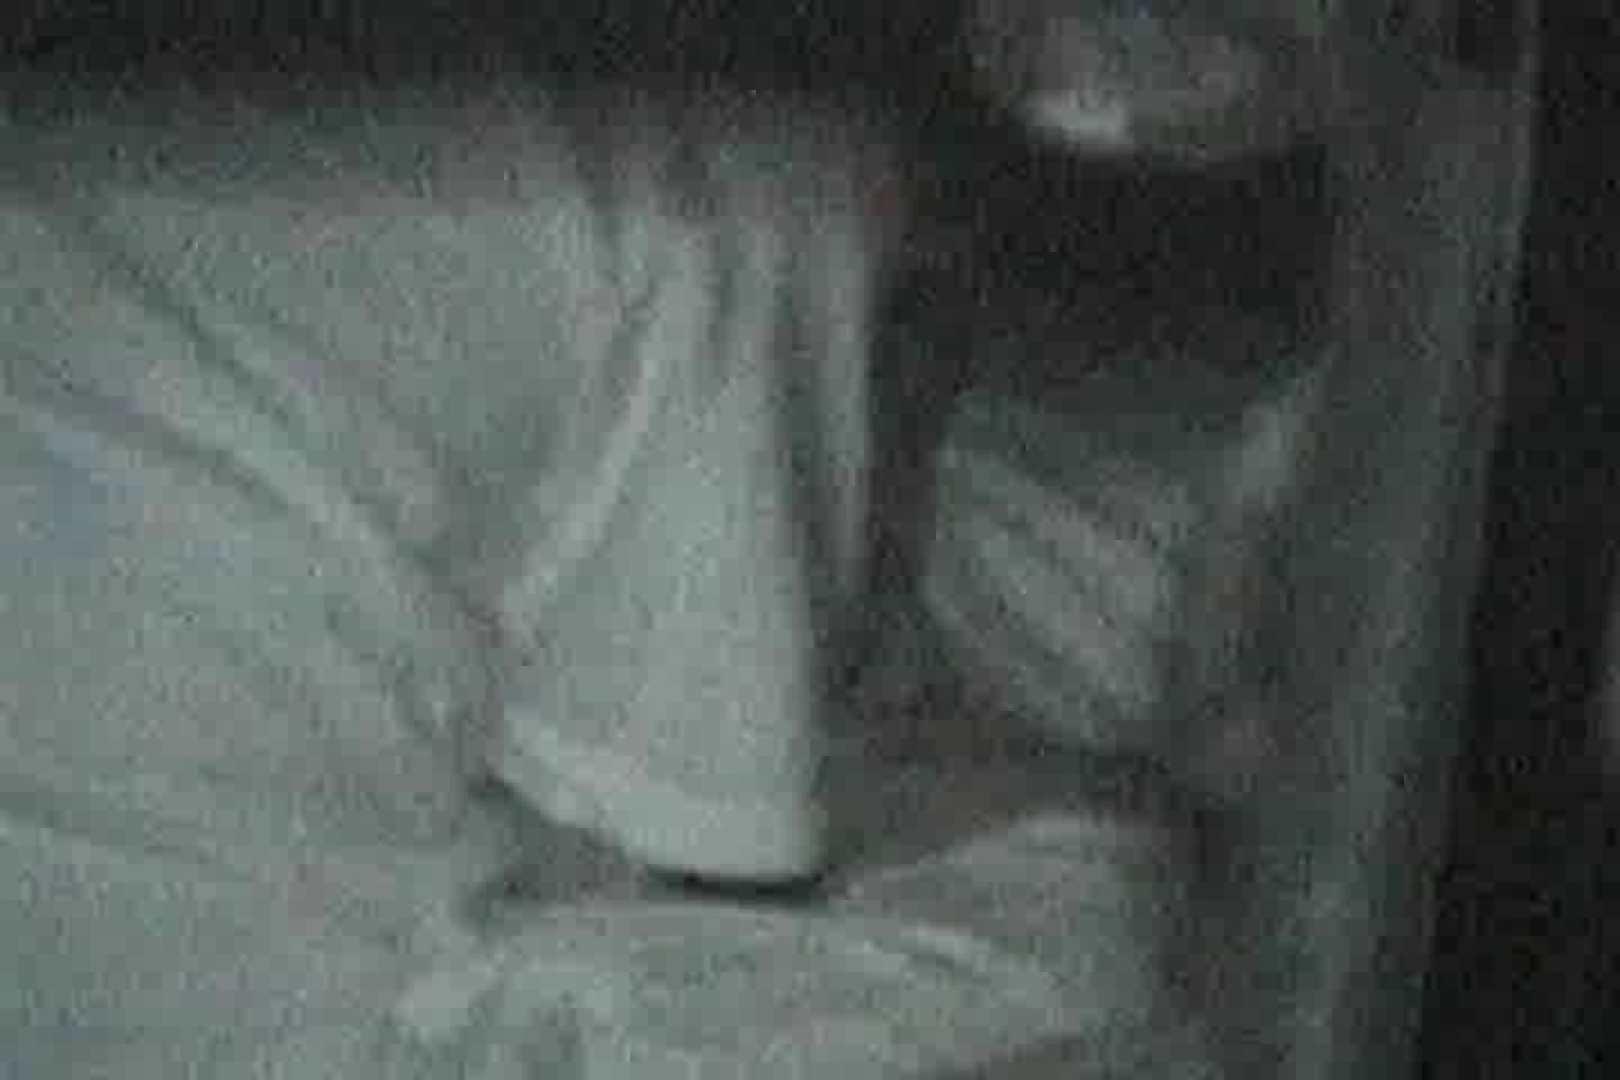 充血監督の深夜の運動会Vol.7 OLセックス 盗撮AV動画キャプチャ 98画像 14